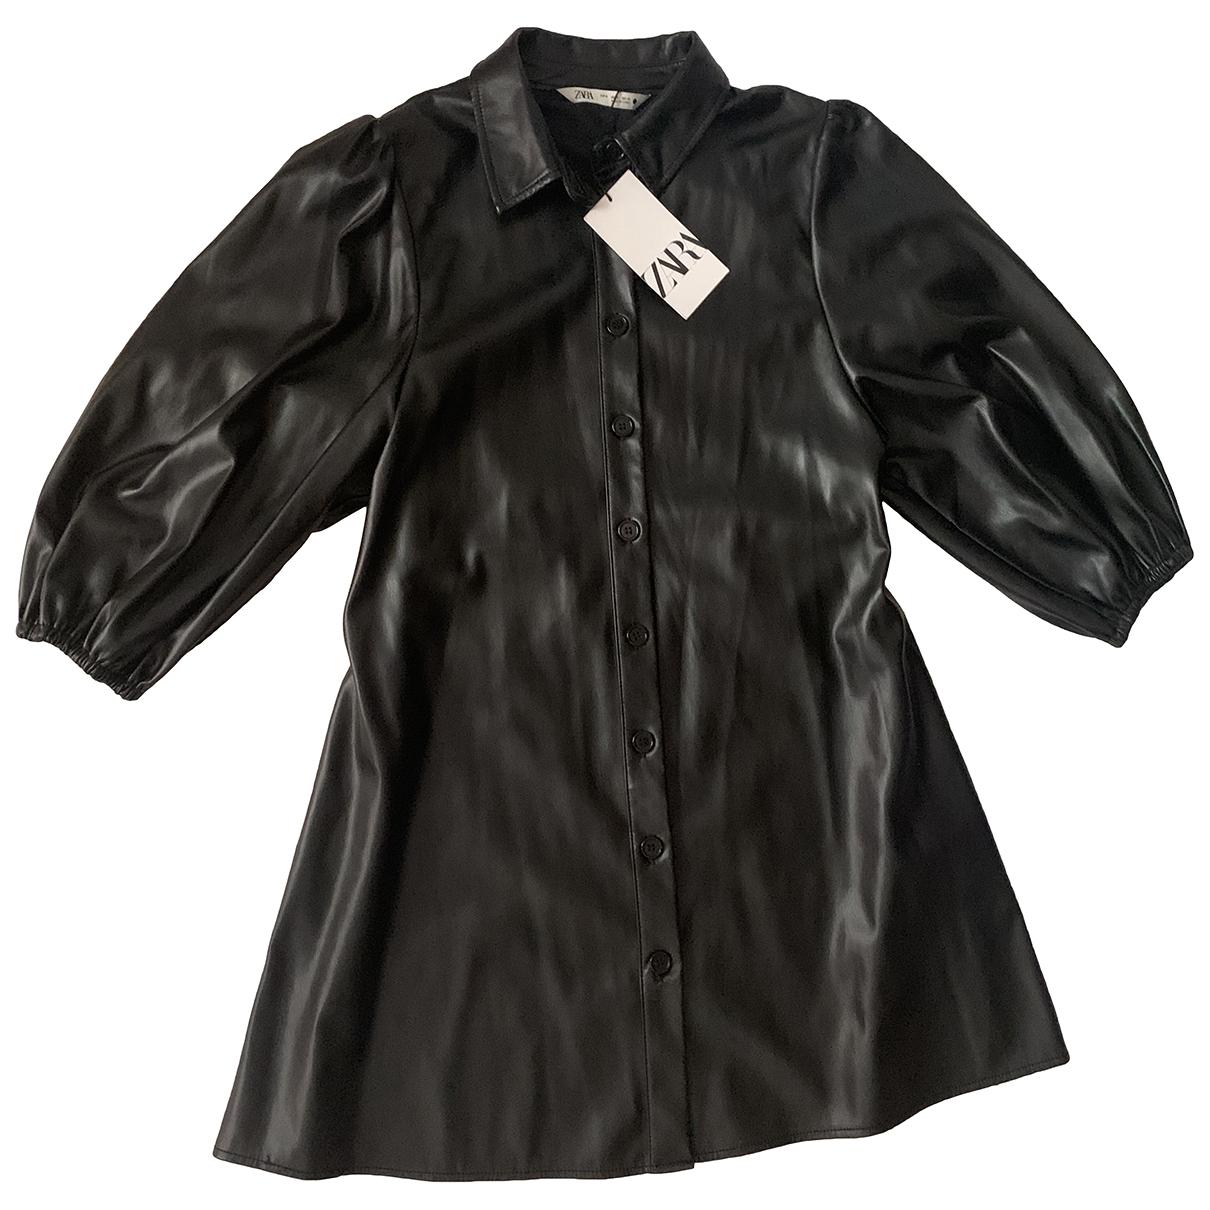 Zara - Robe   pour femme en veau facon poulain - noir